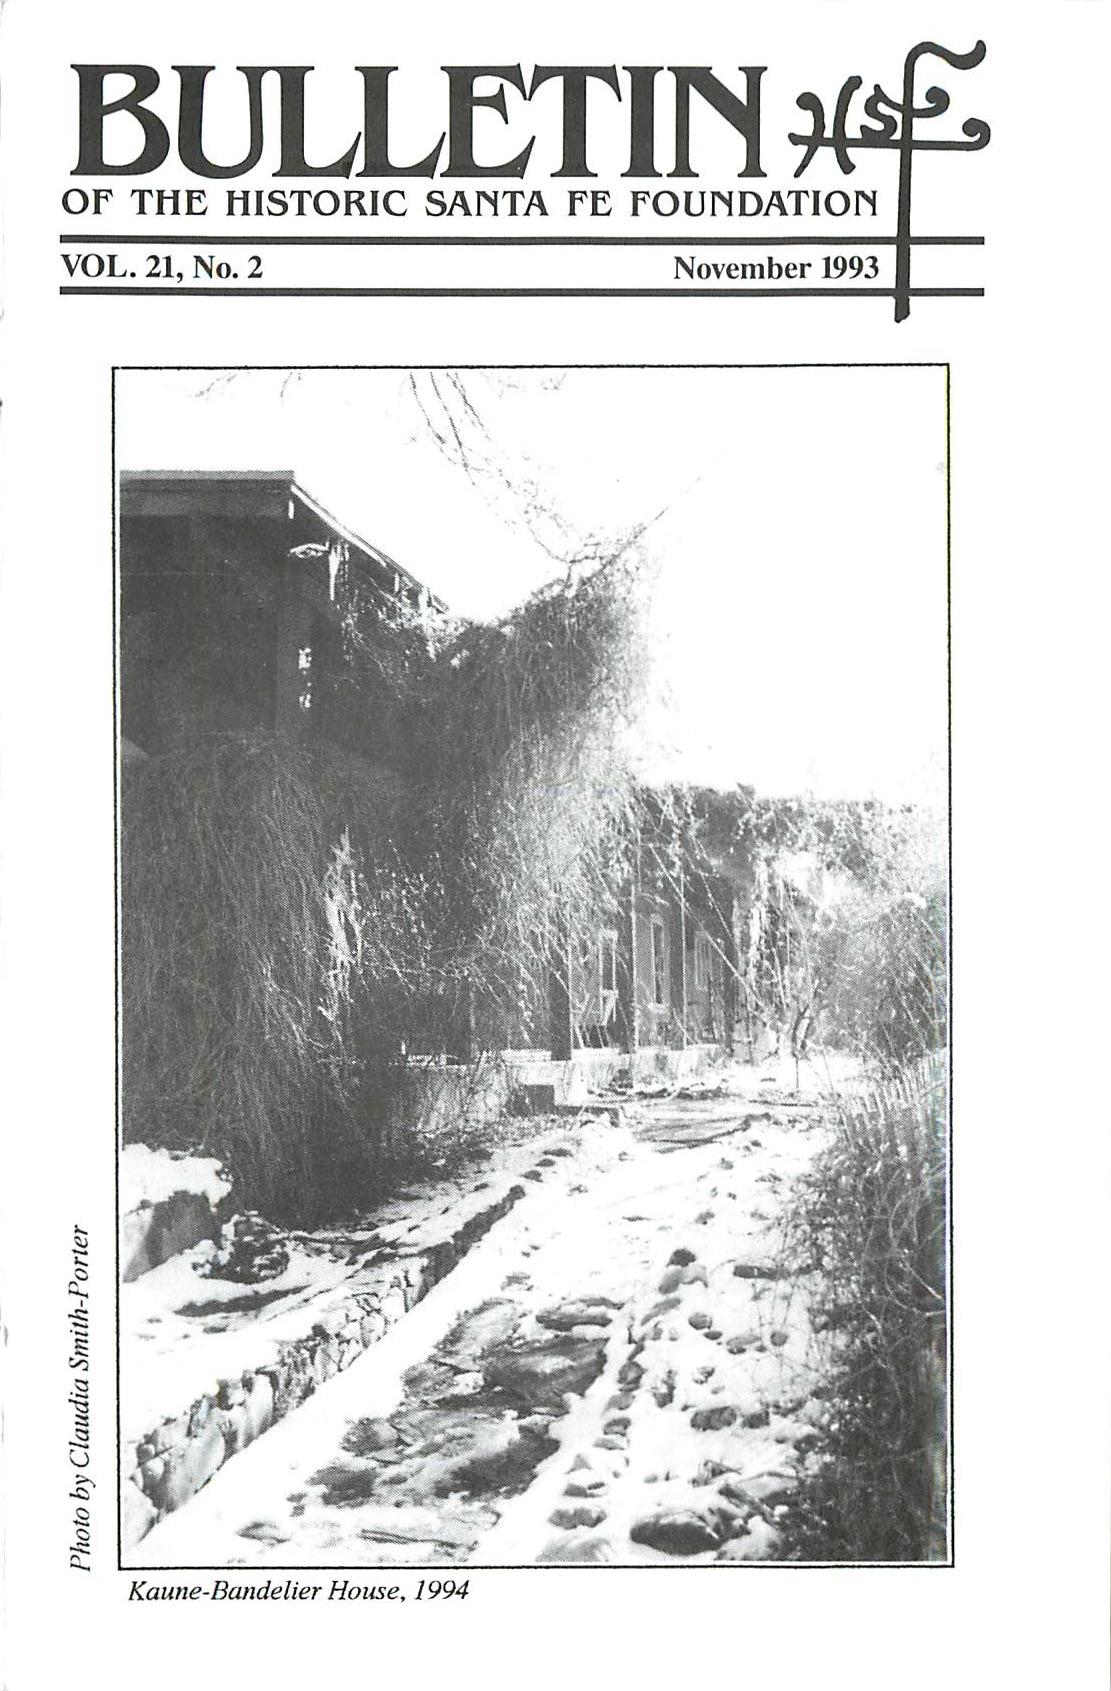 1993 HSFF Bulletin Vol.21 No.2 Cover